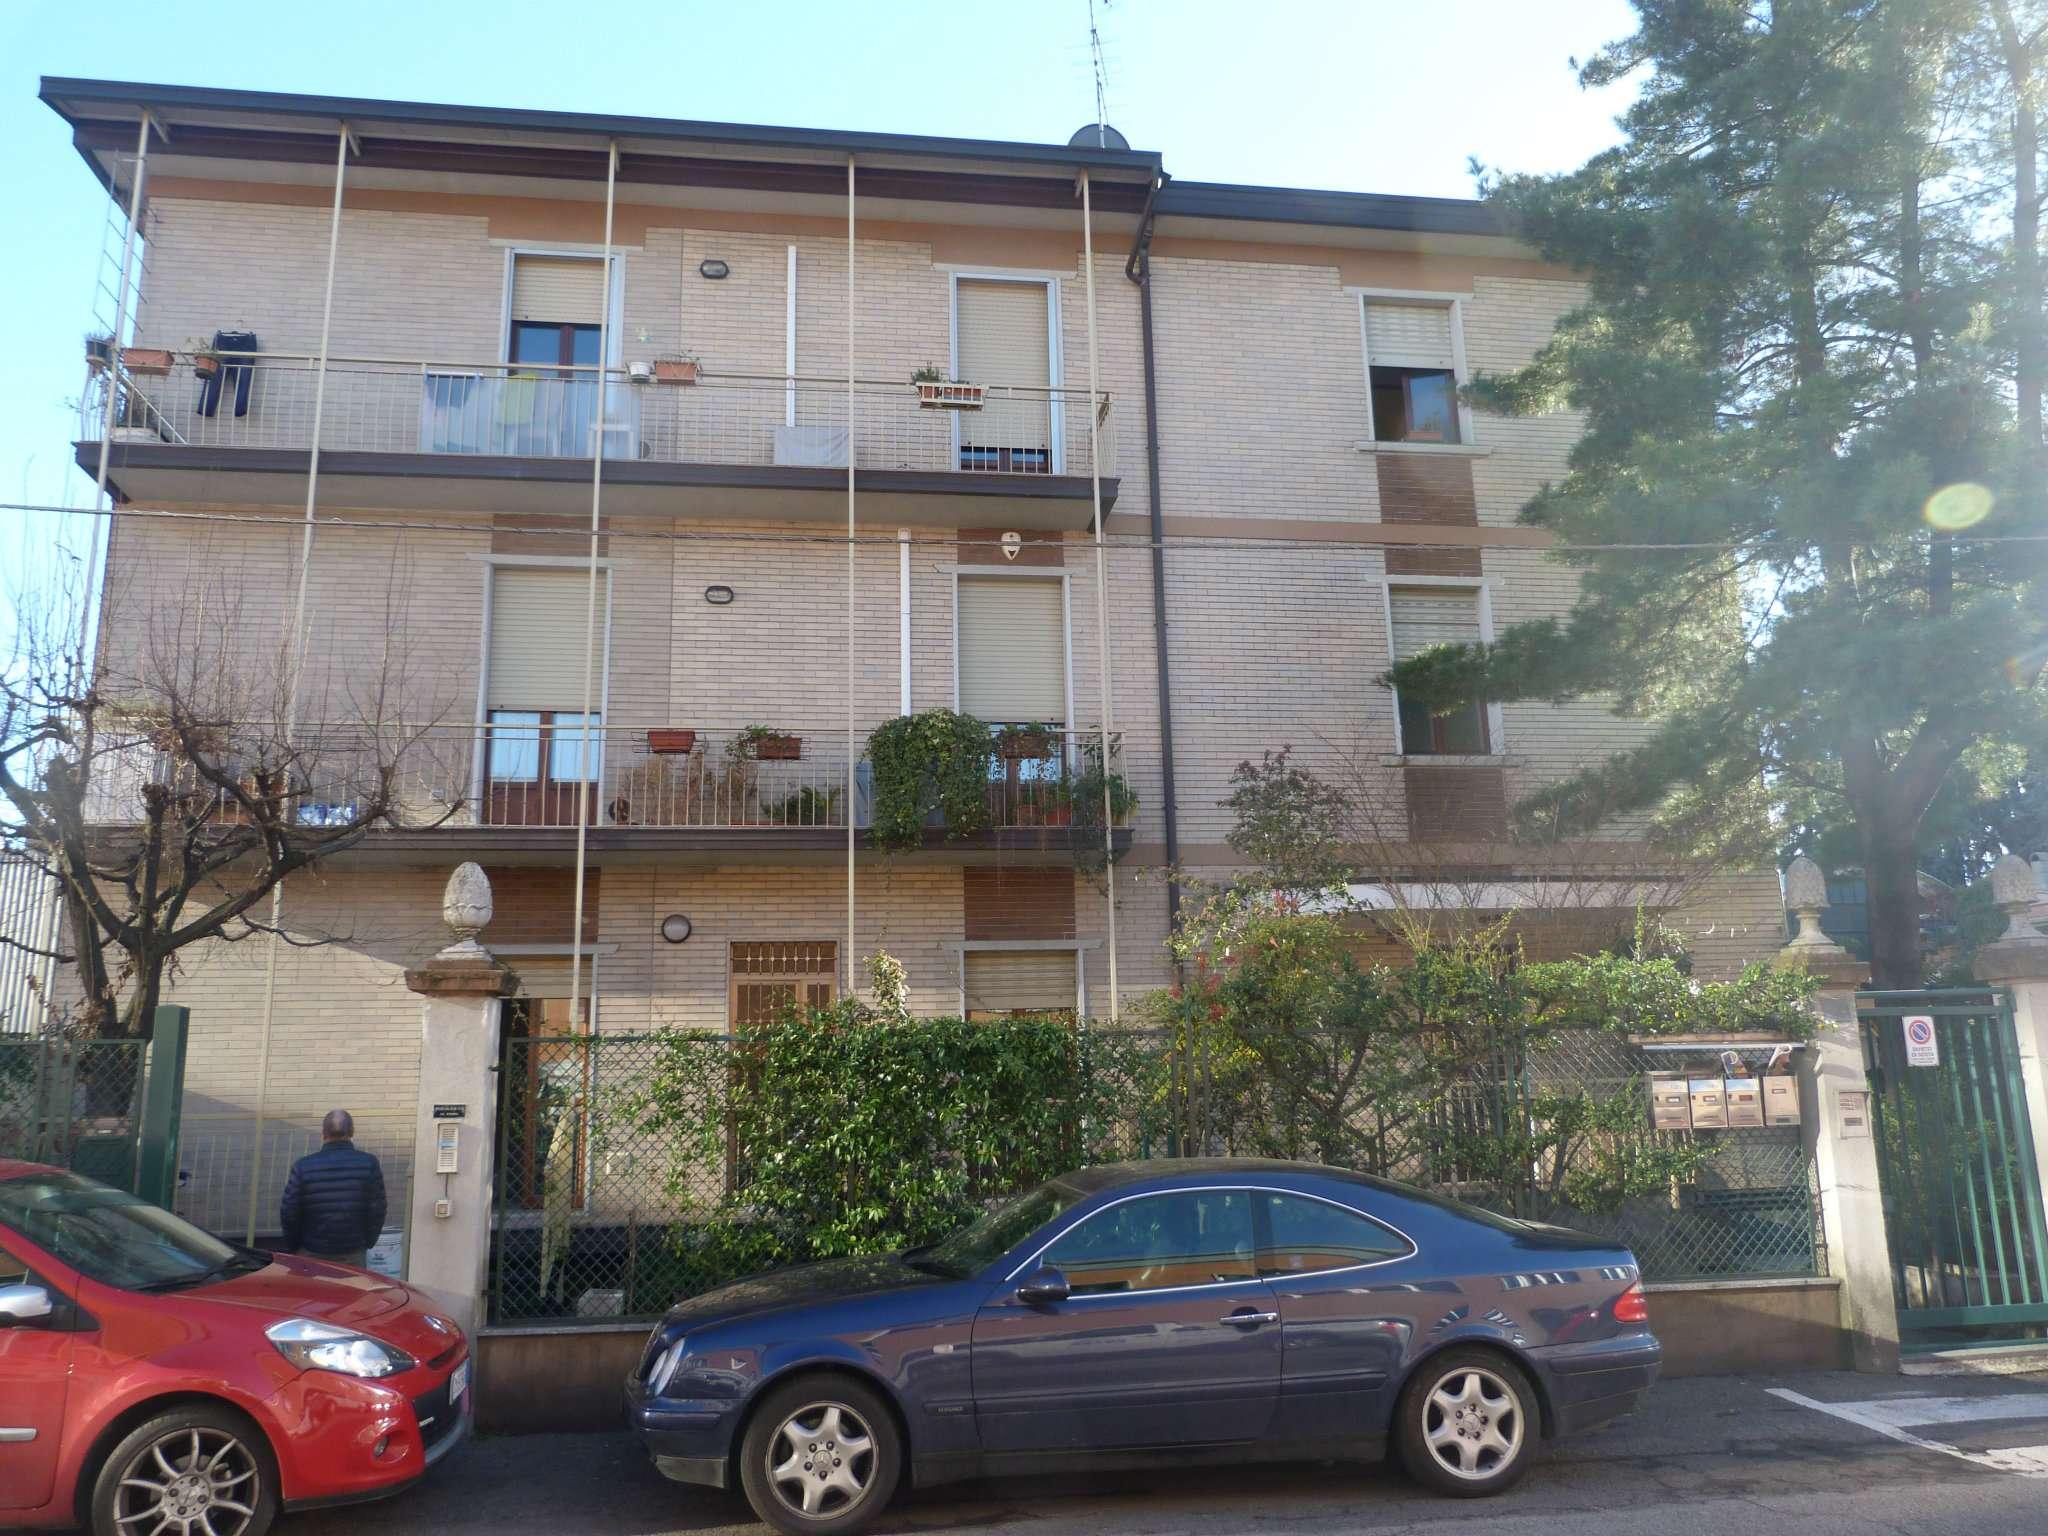 Appartamento in vendita a Cusano Milanino, 3 locali, prezzo € 210.000 | CambioCasa.it